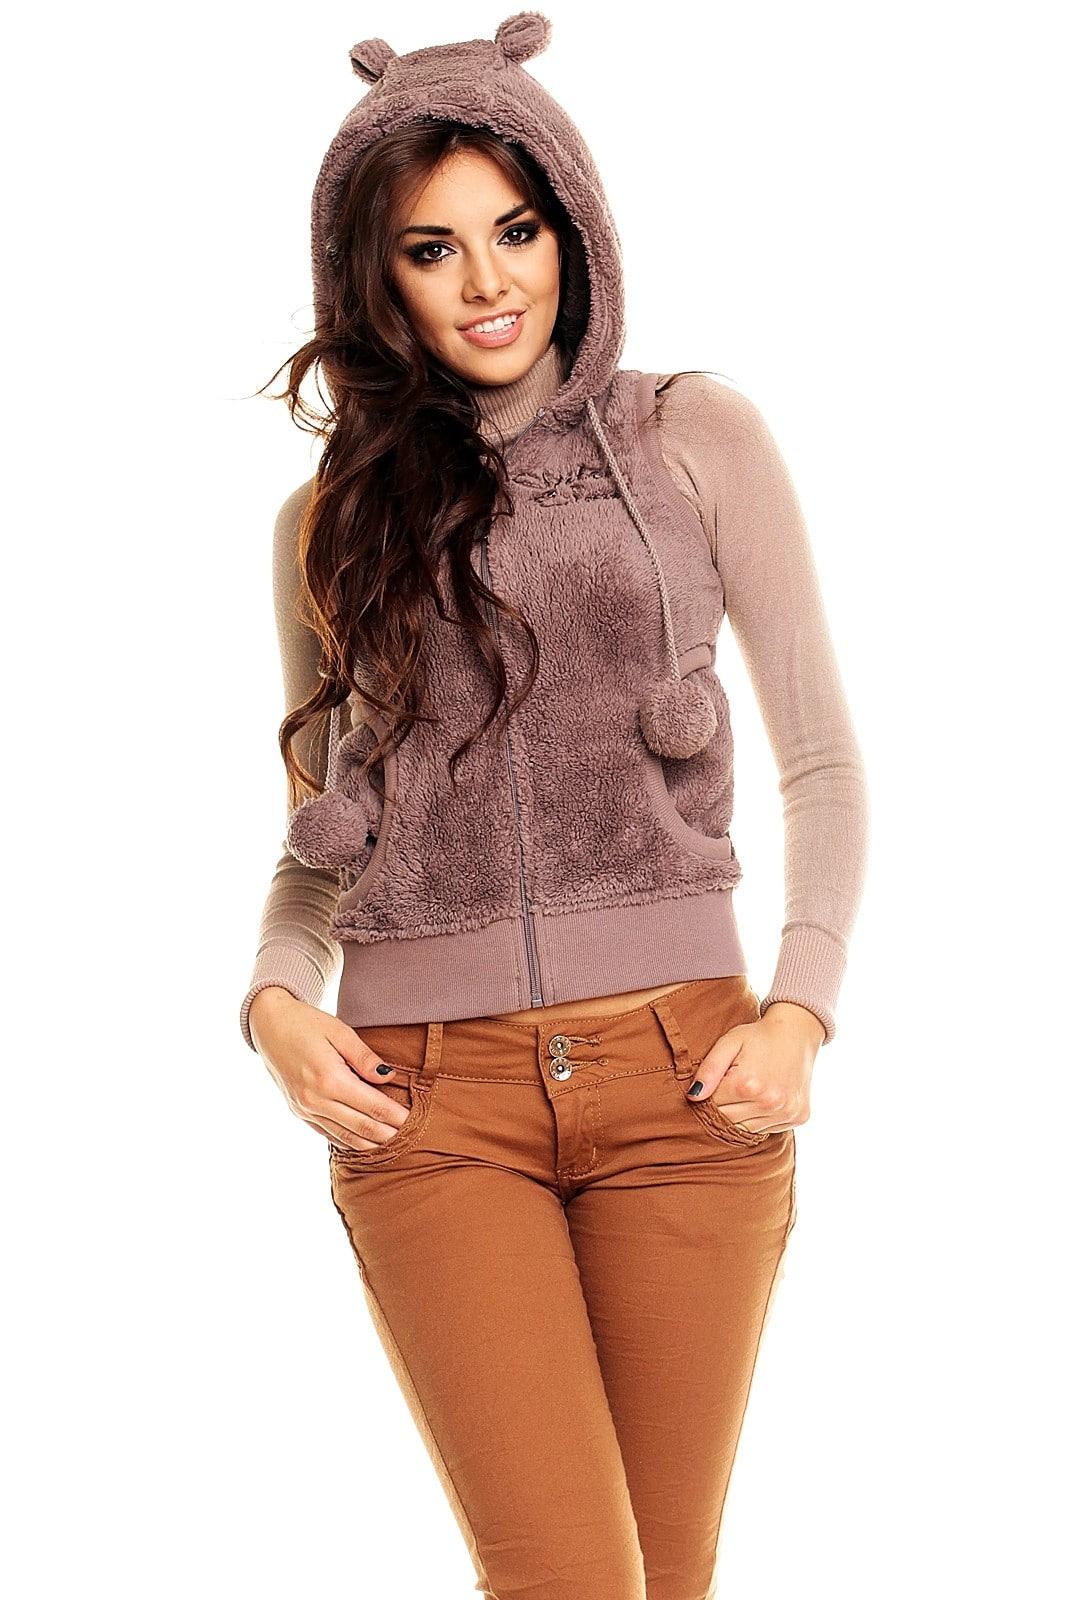 Stylové a hřejivé oblečení pro nejchladnější dny 3